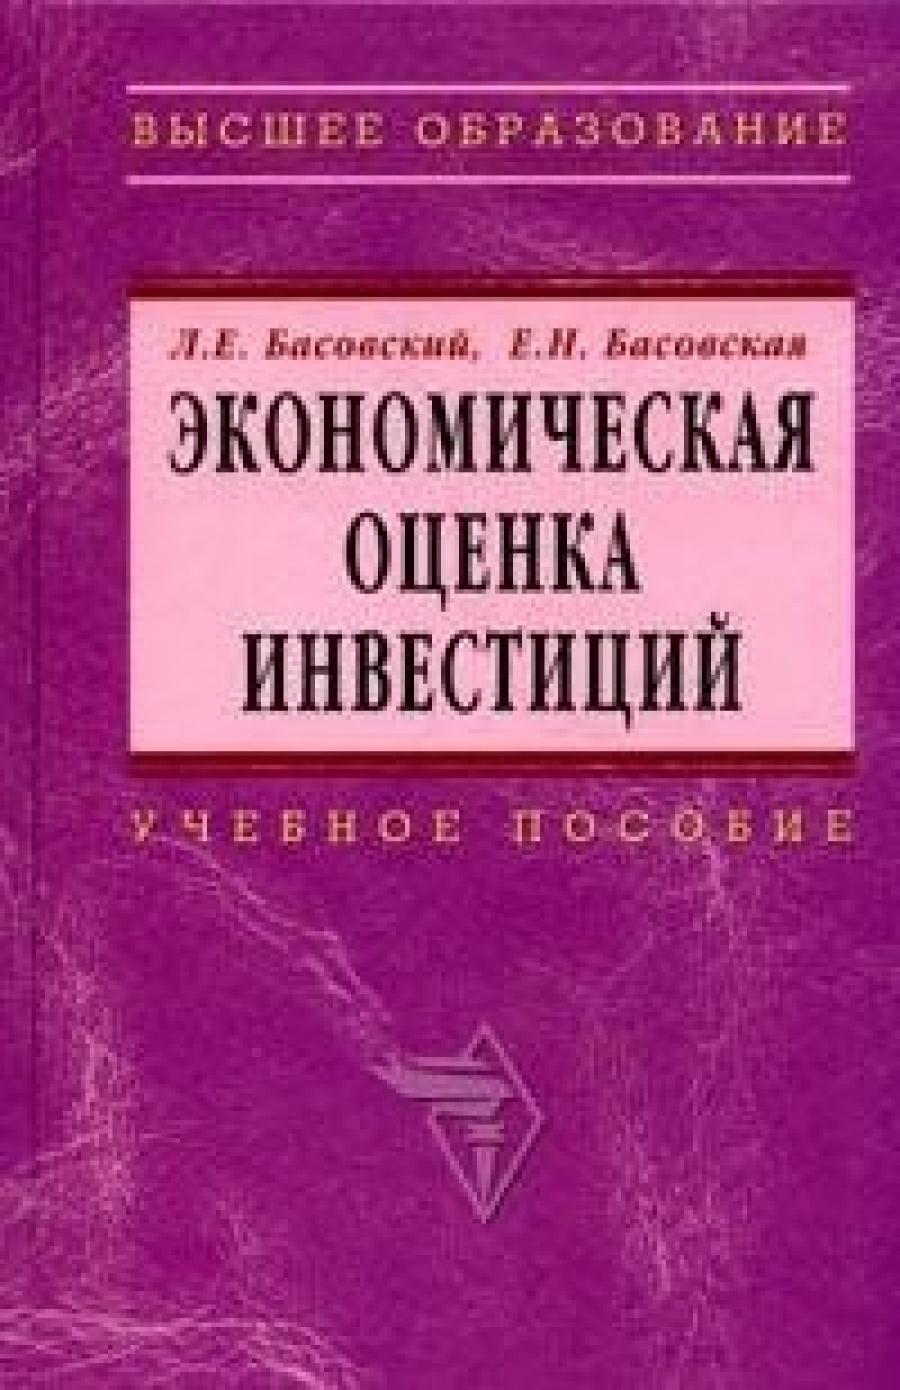 Обложка книги:  басовский л. е. , басовская е. н. - экономическая оценка инвестиций